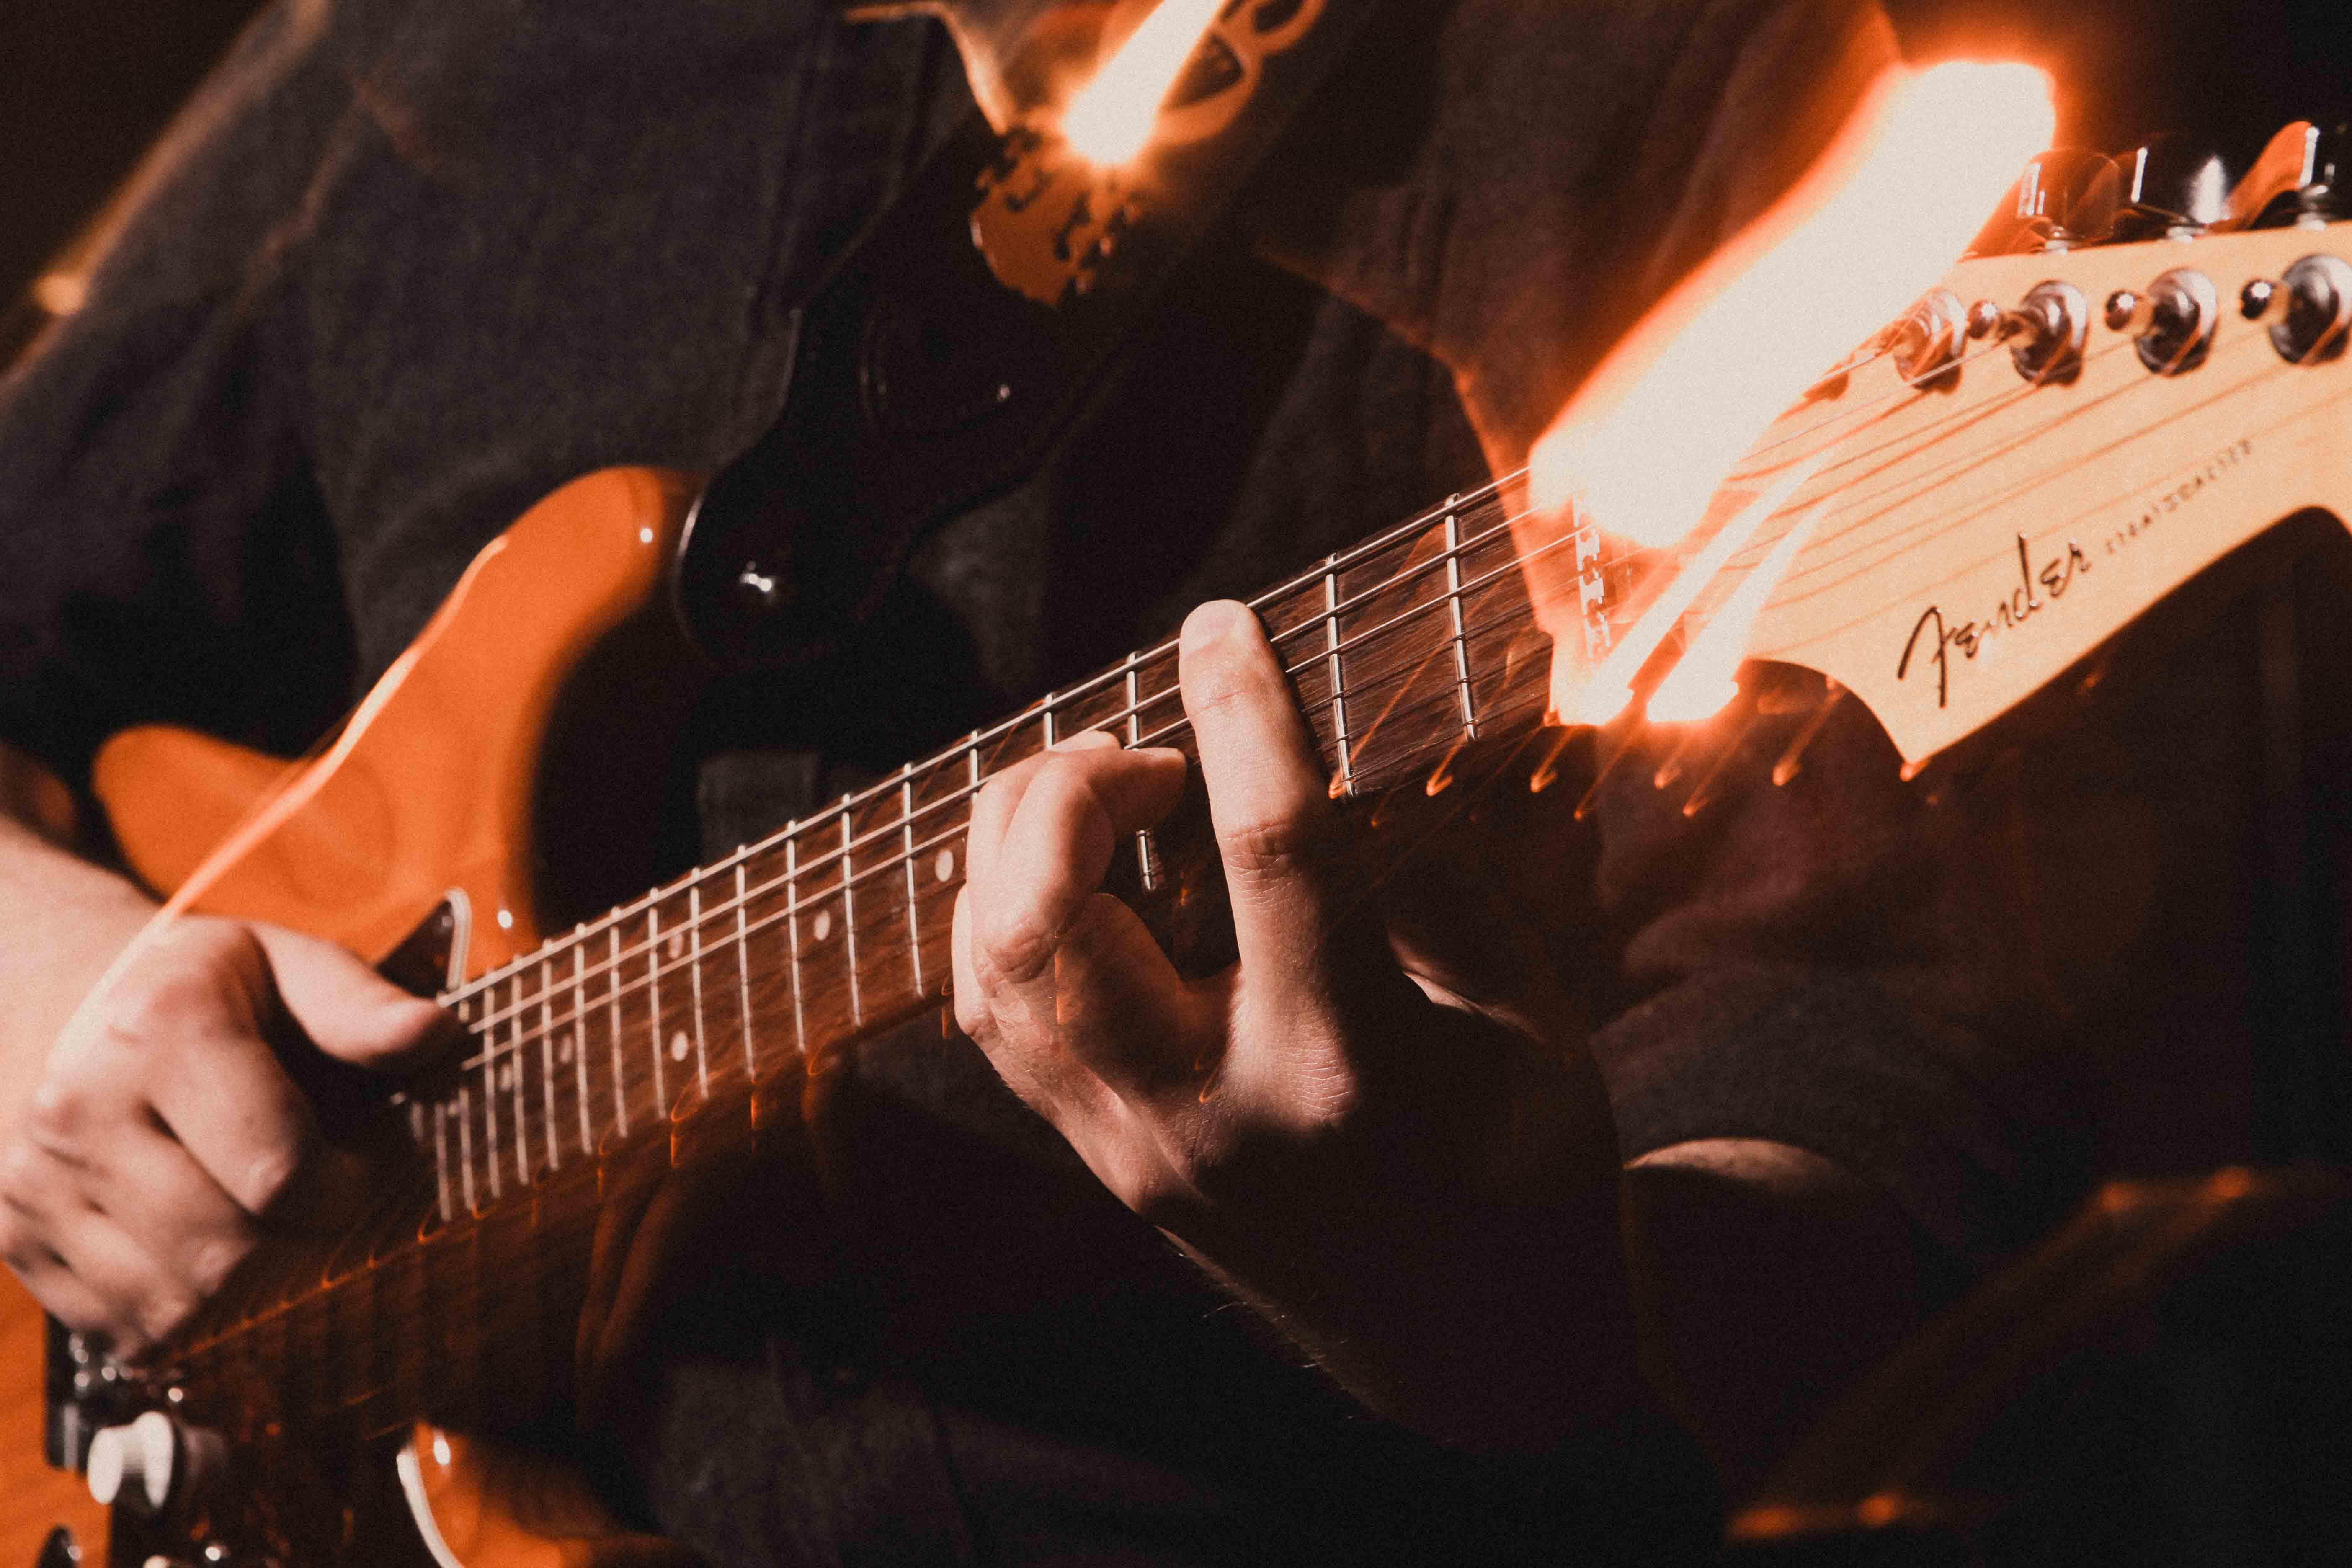 Fingers on a bass guitar